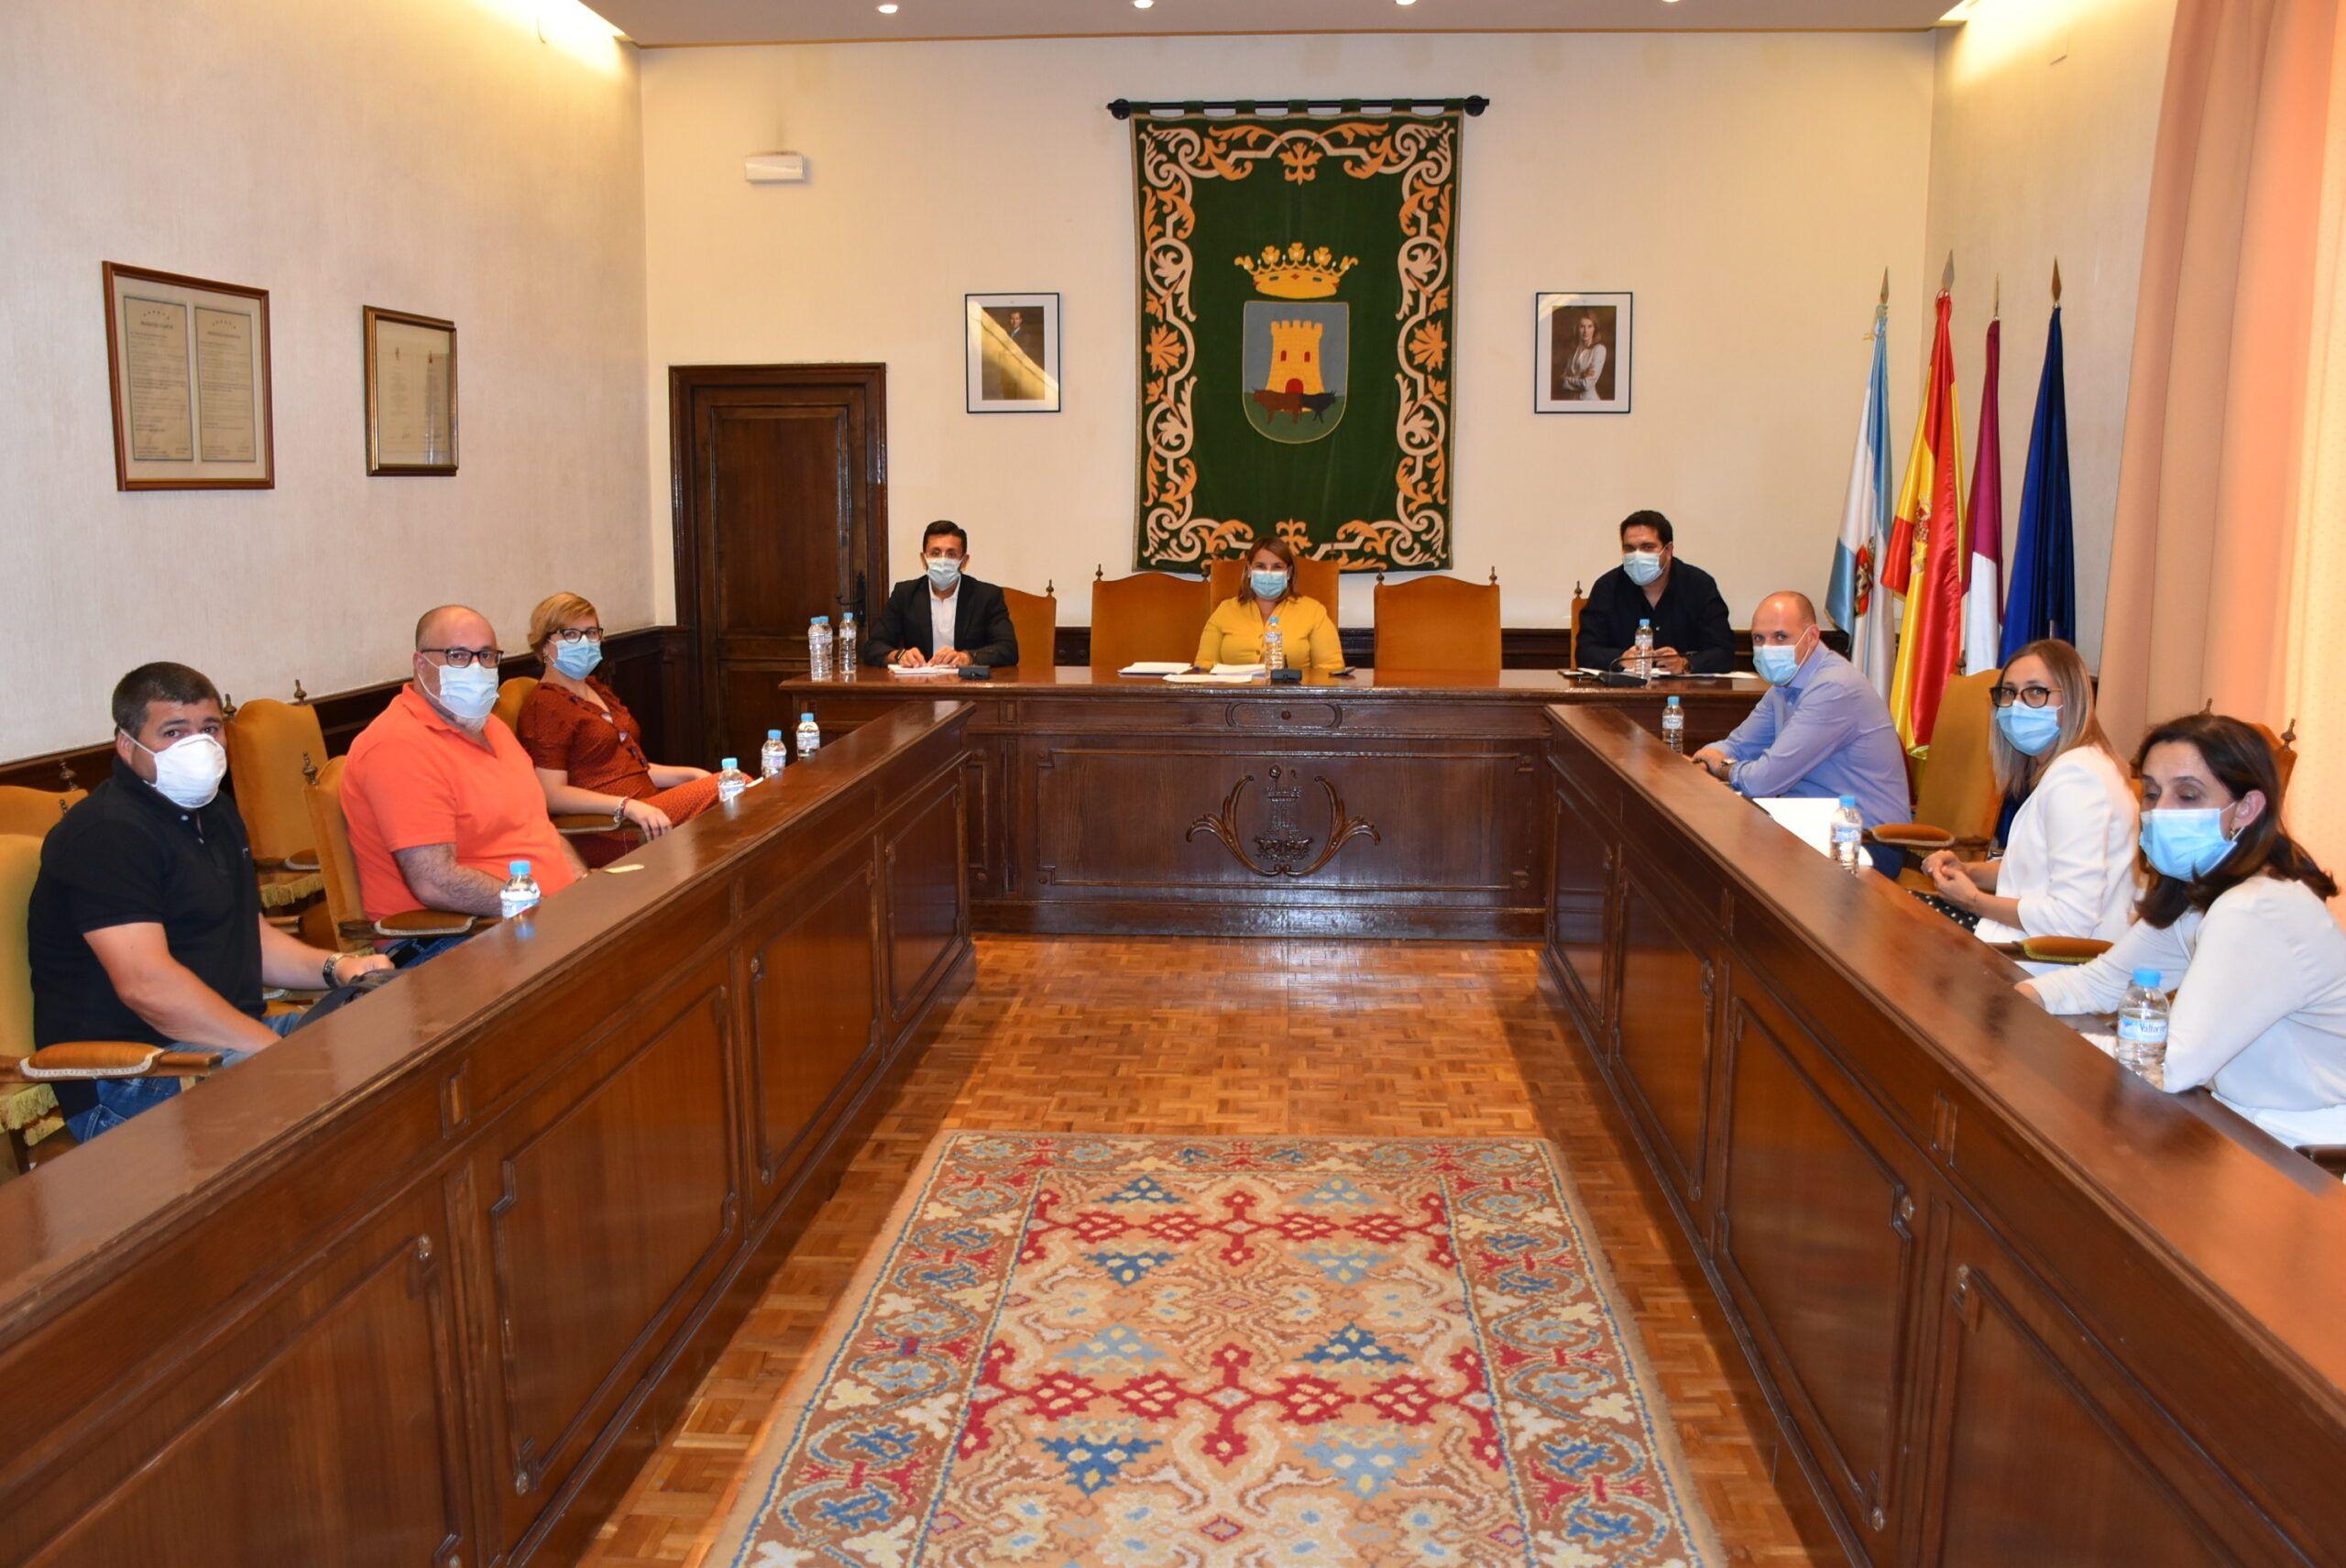 Ayuntamiento de Talavera de la Reina, Junta y Plataforma de Afectados por el Transporte remitirán una carta conjunta al Ministerio para trasladar sus reivindicaciones